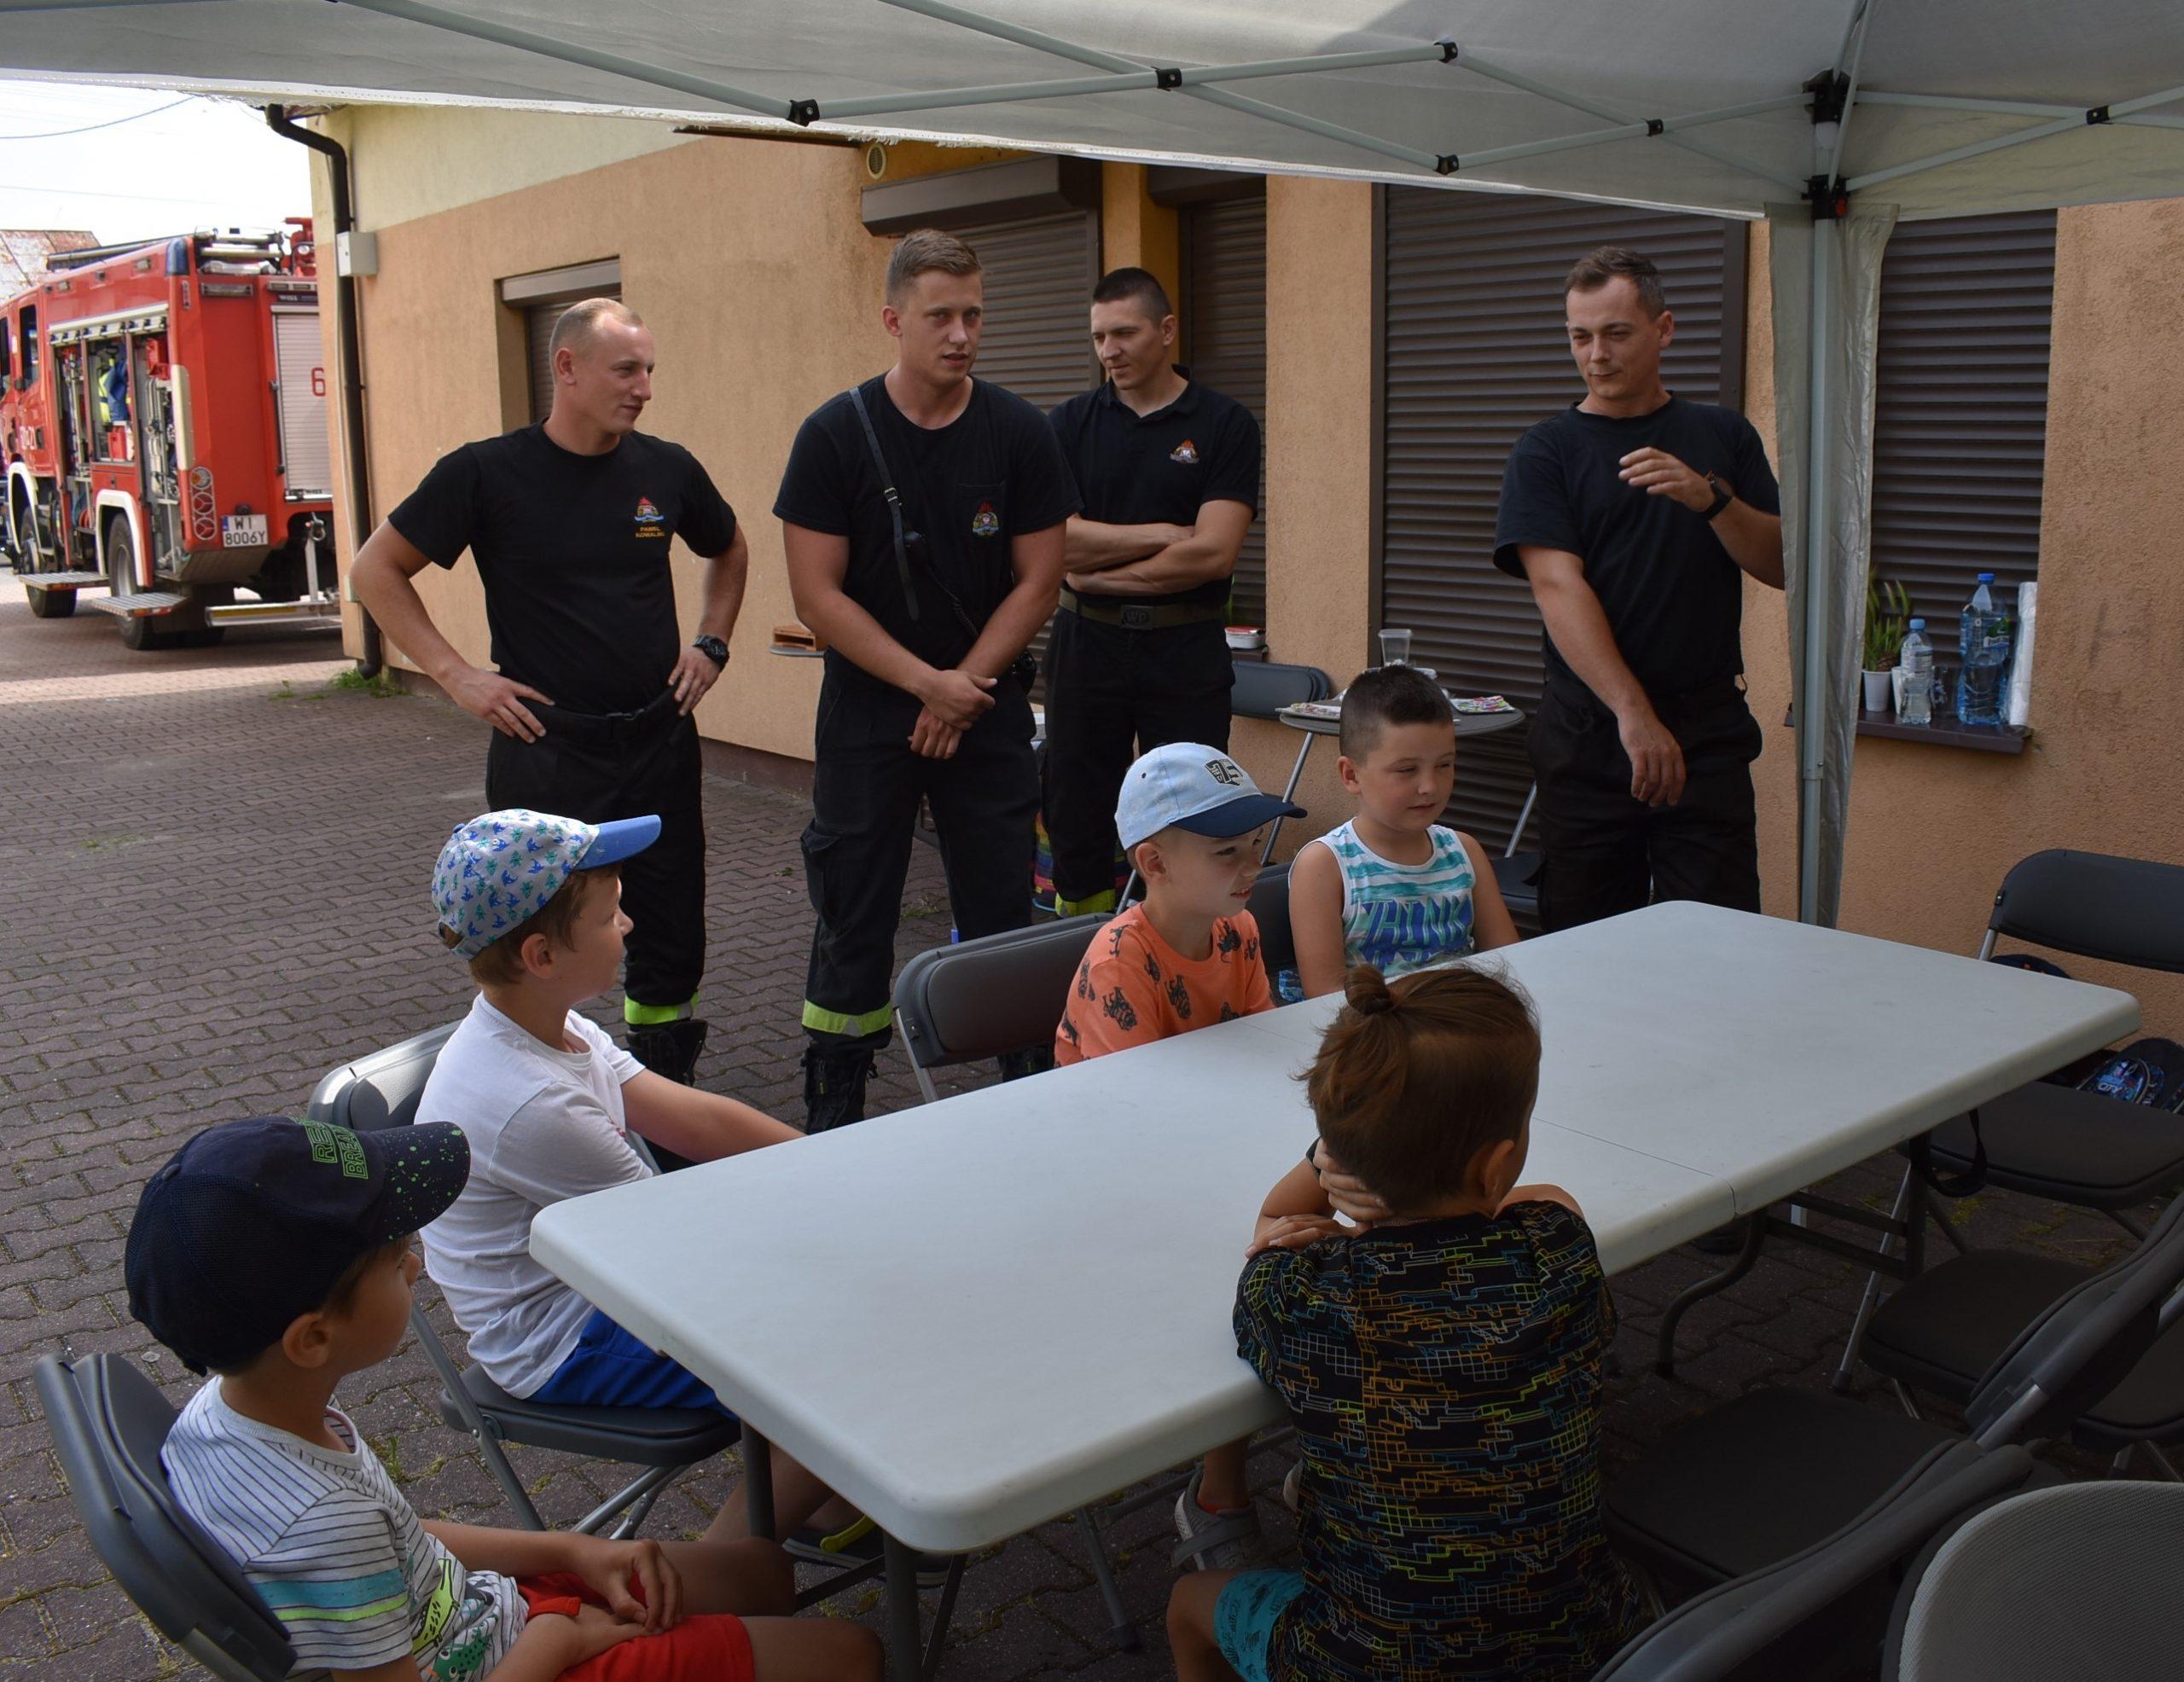 Wizyta strażaków zKomendy Powiatowej Państwowej Straży Pożarnej wSierpcu.